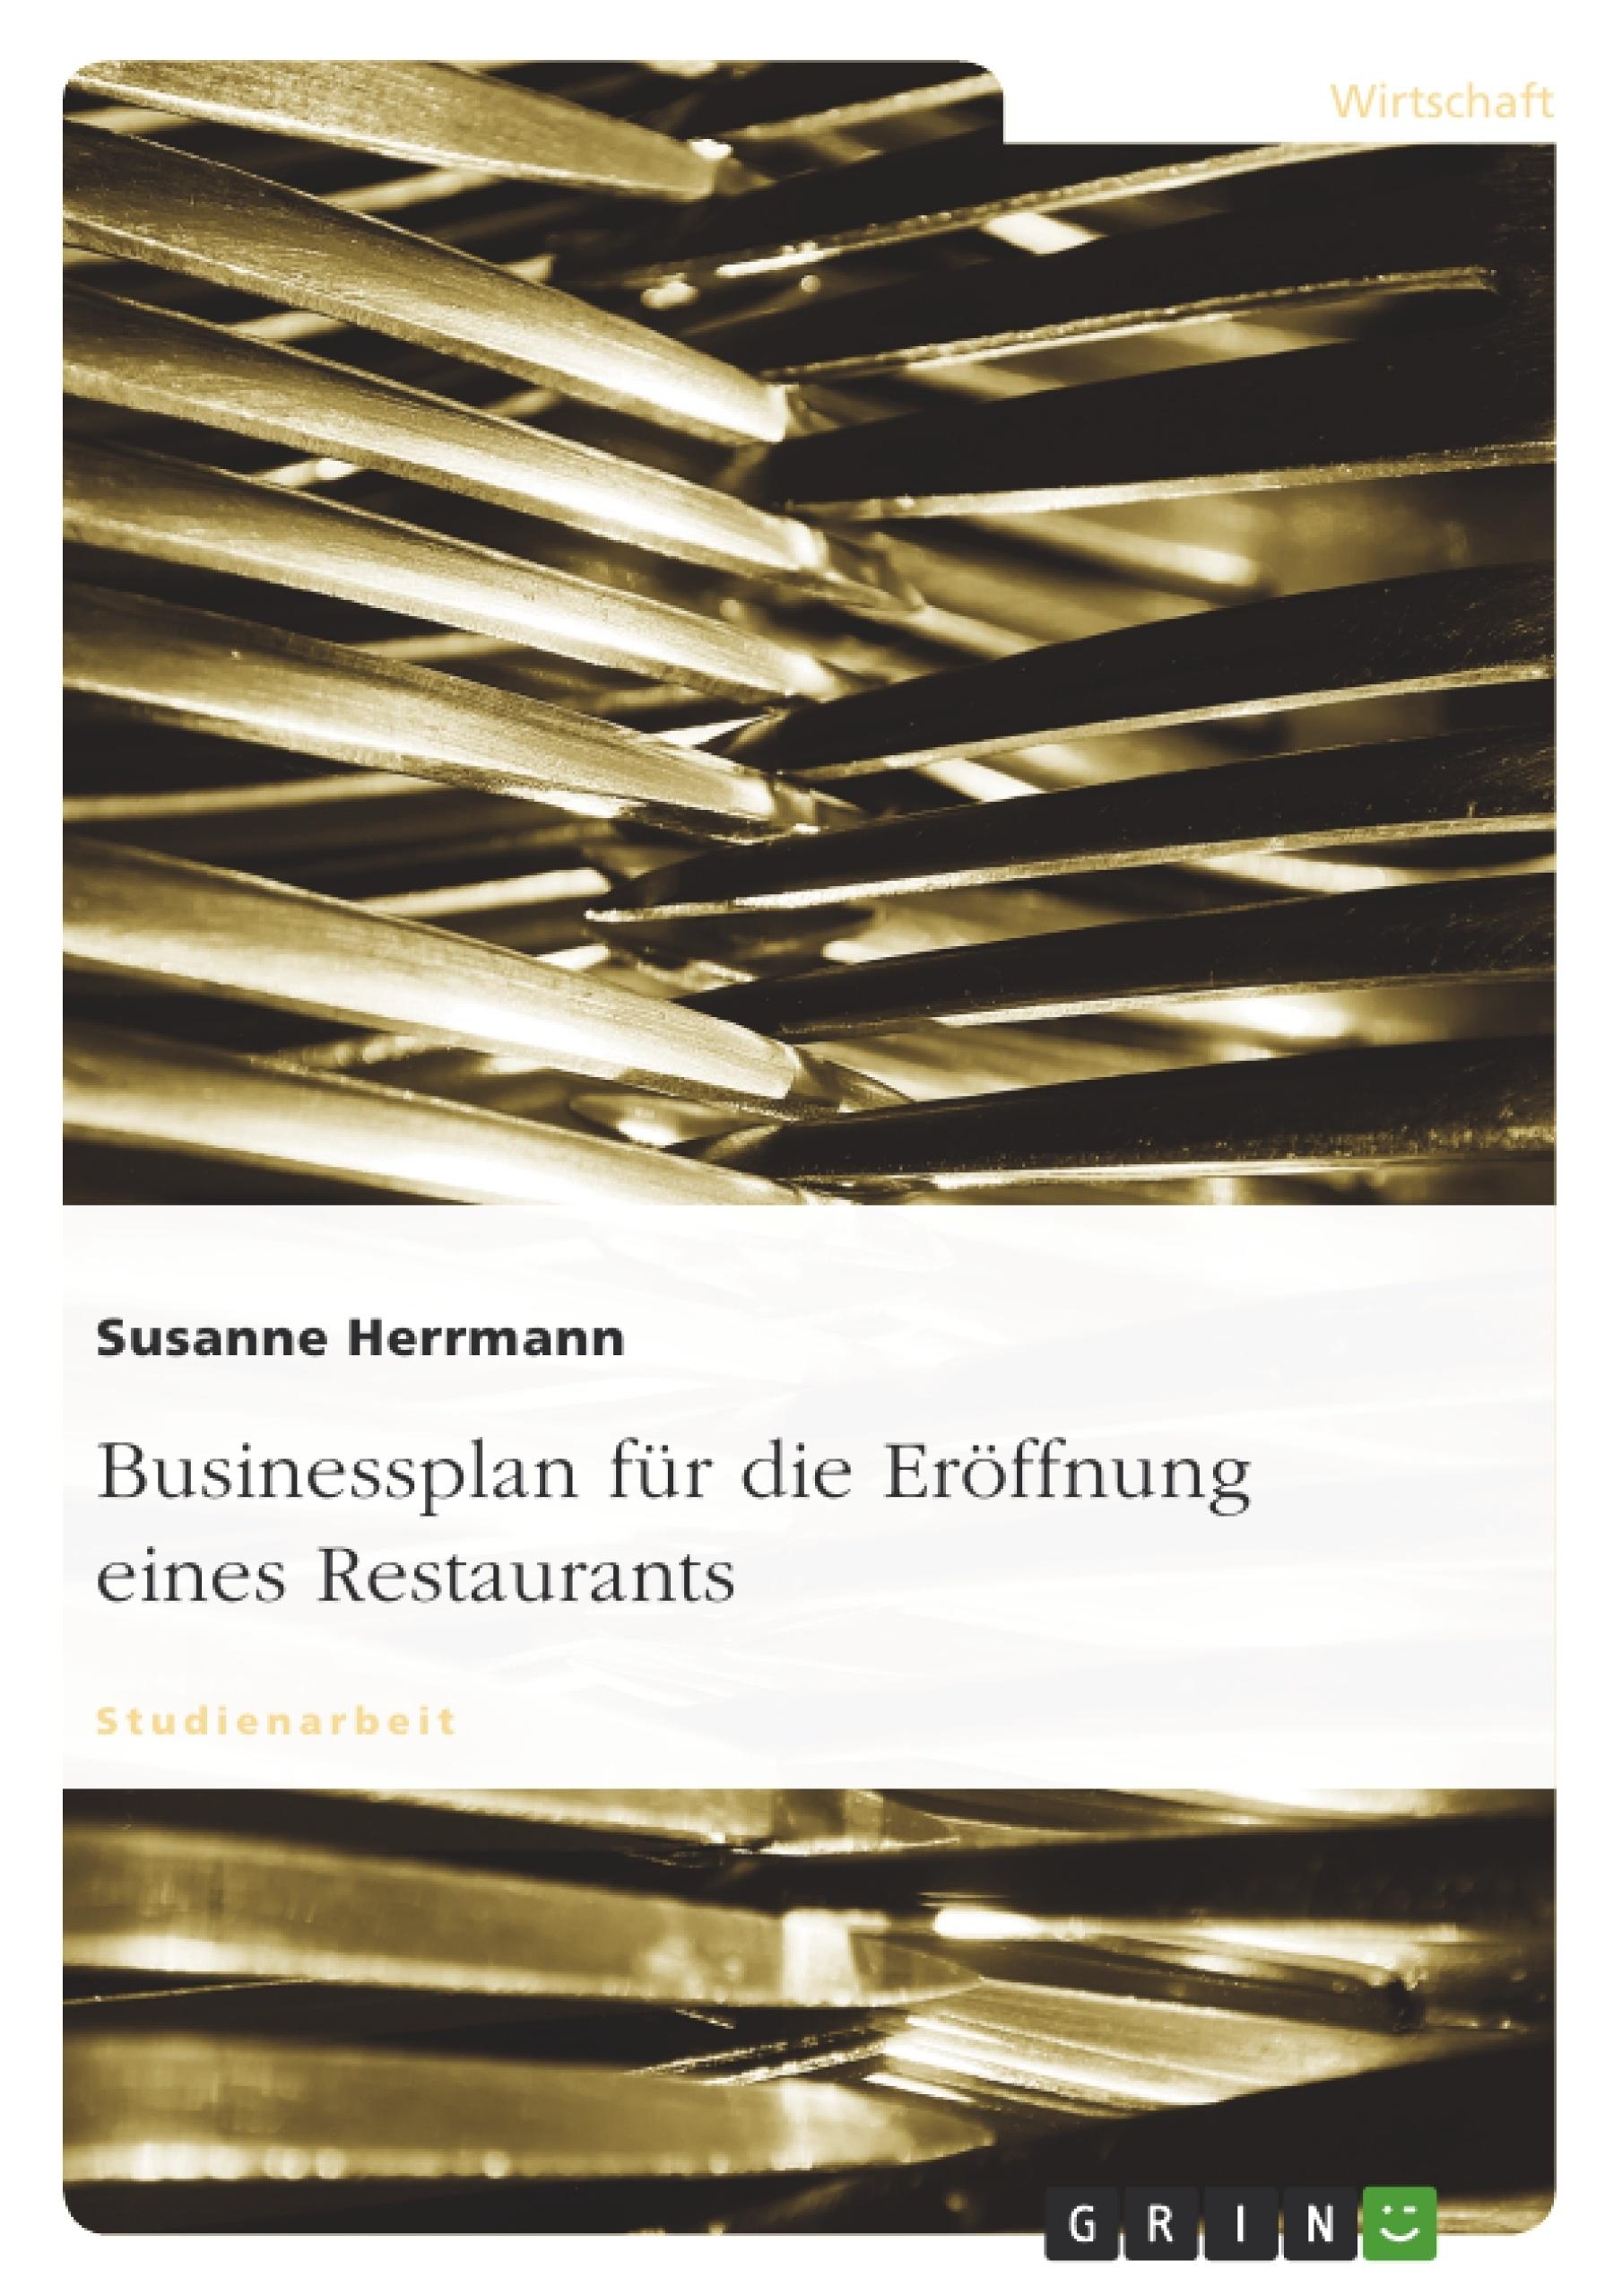 Titel: Businessplan für die Eröffnung eines Restaurants